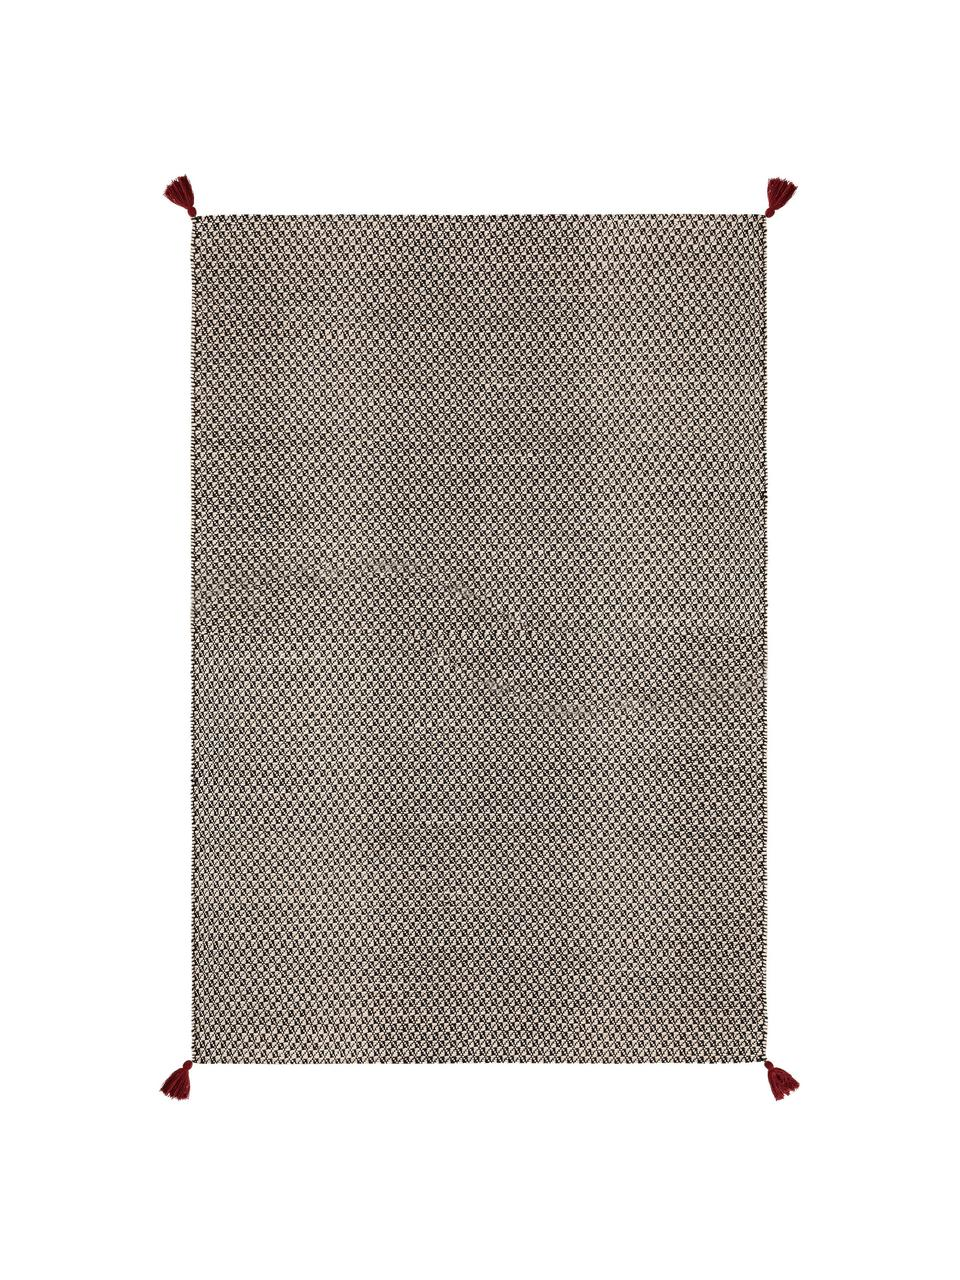 Tappeto in lana color nero/bianco tessuto a mano  con nappe rosse Tolga, 50% lana, 35% cotone, 15% nylon, Nero, bianco crema, Larg. 120 x Lung. 170 cm (taglia S)